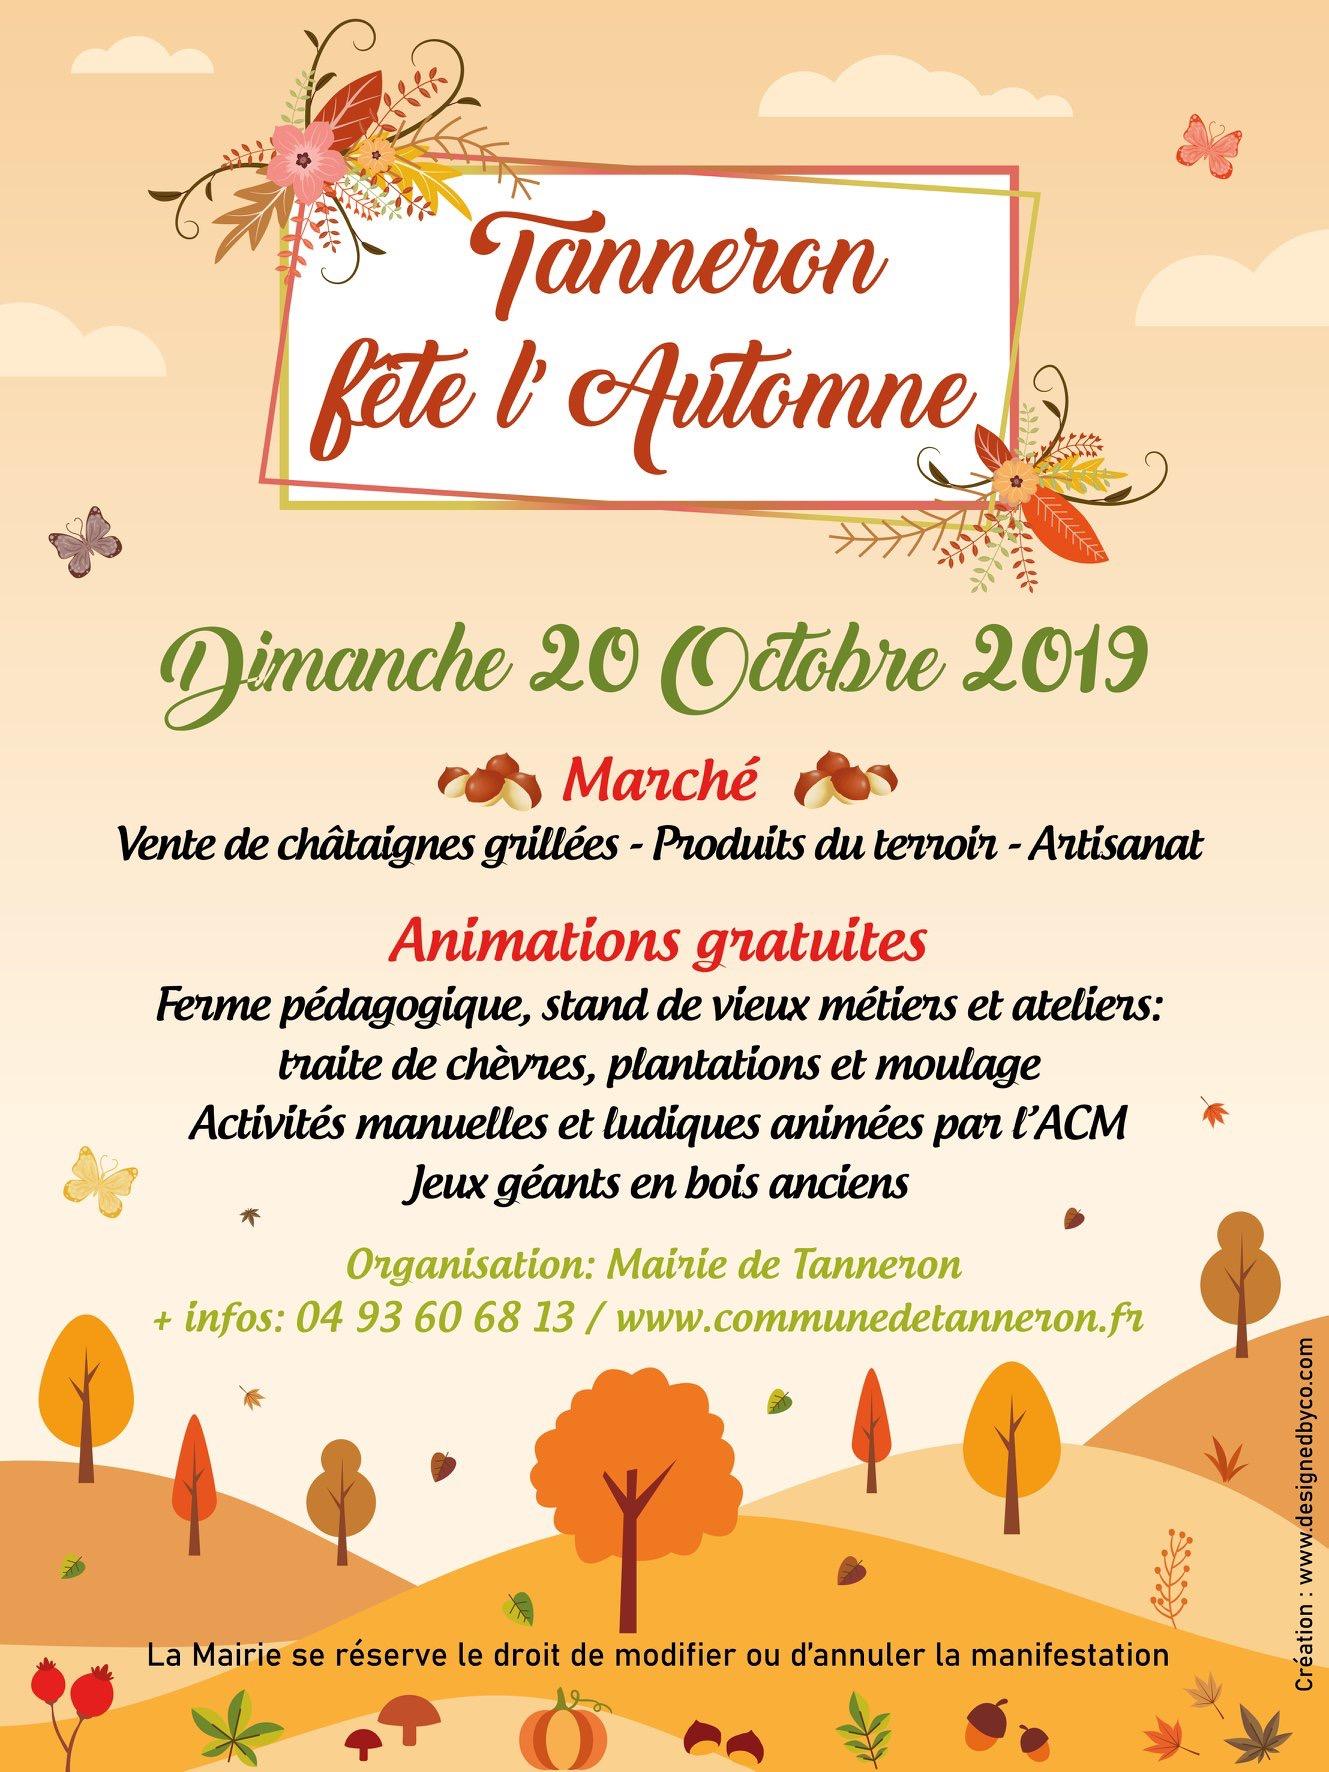 Tanneron fête l'automne